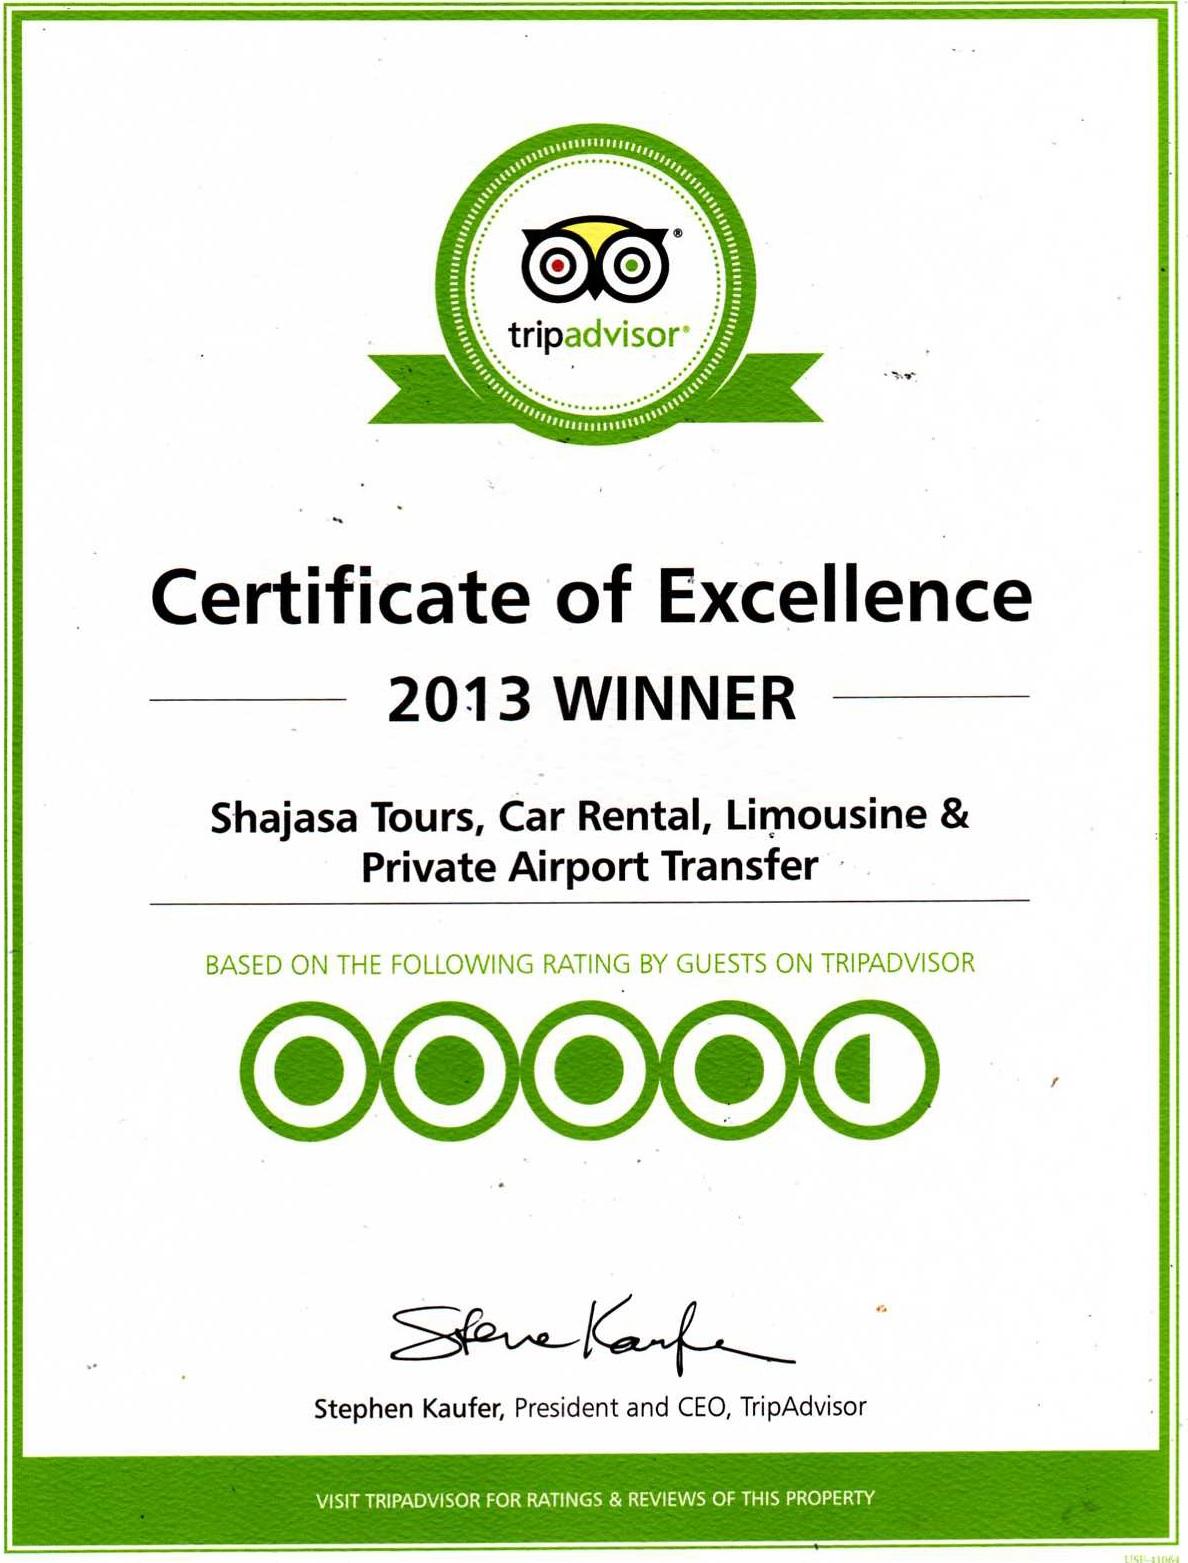 Shajasa Travel TripAdvisor Certificate Of Excellence 2013